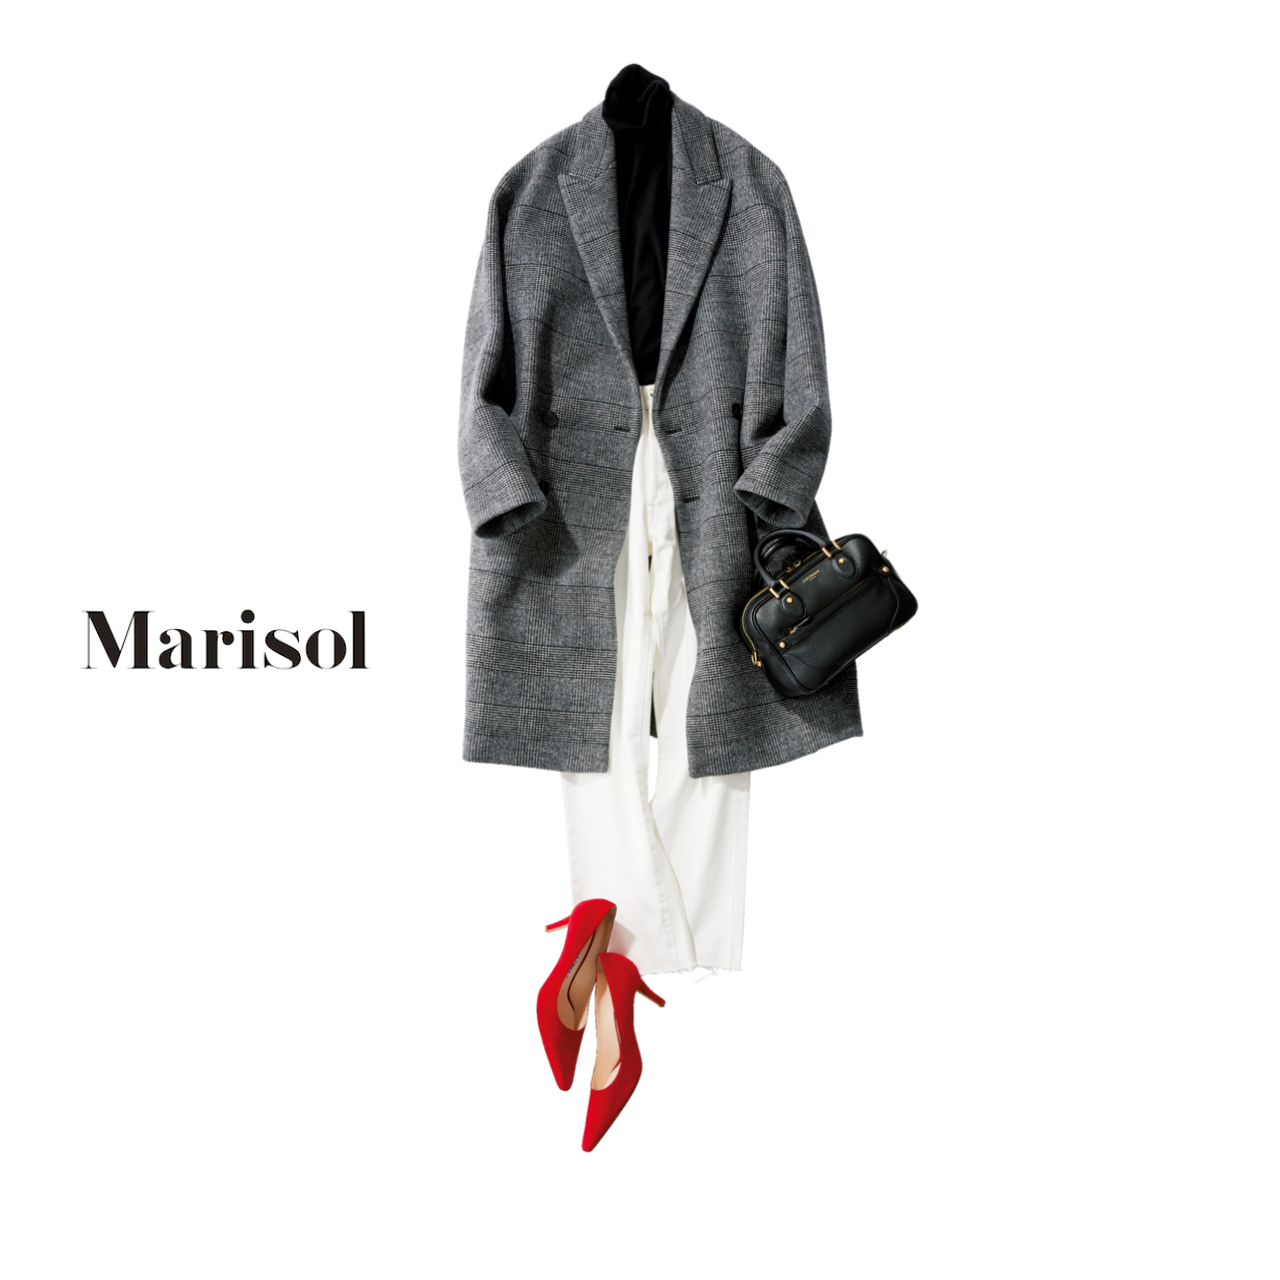 40代ファッション チェック柄のチェスターコート×白デニムコーデ